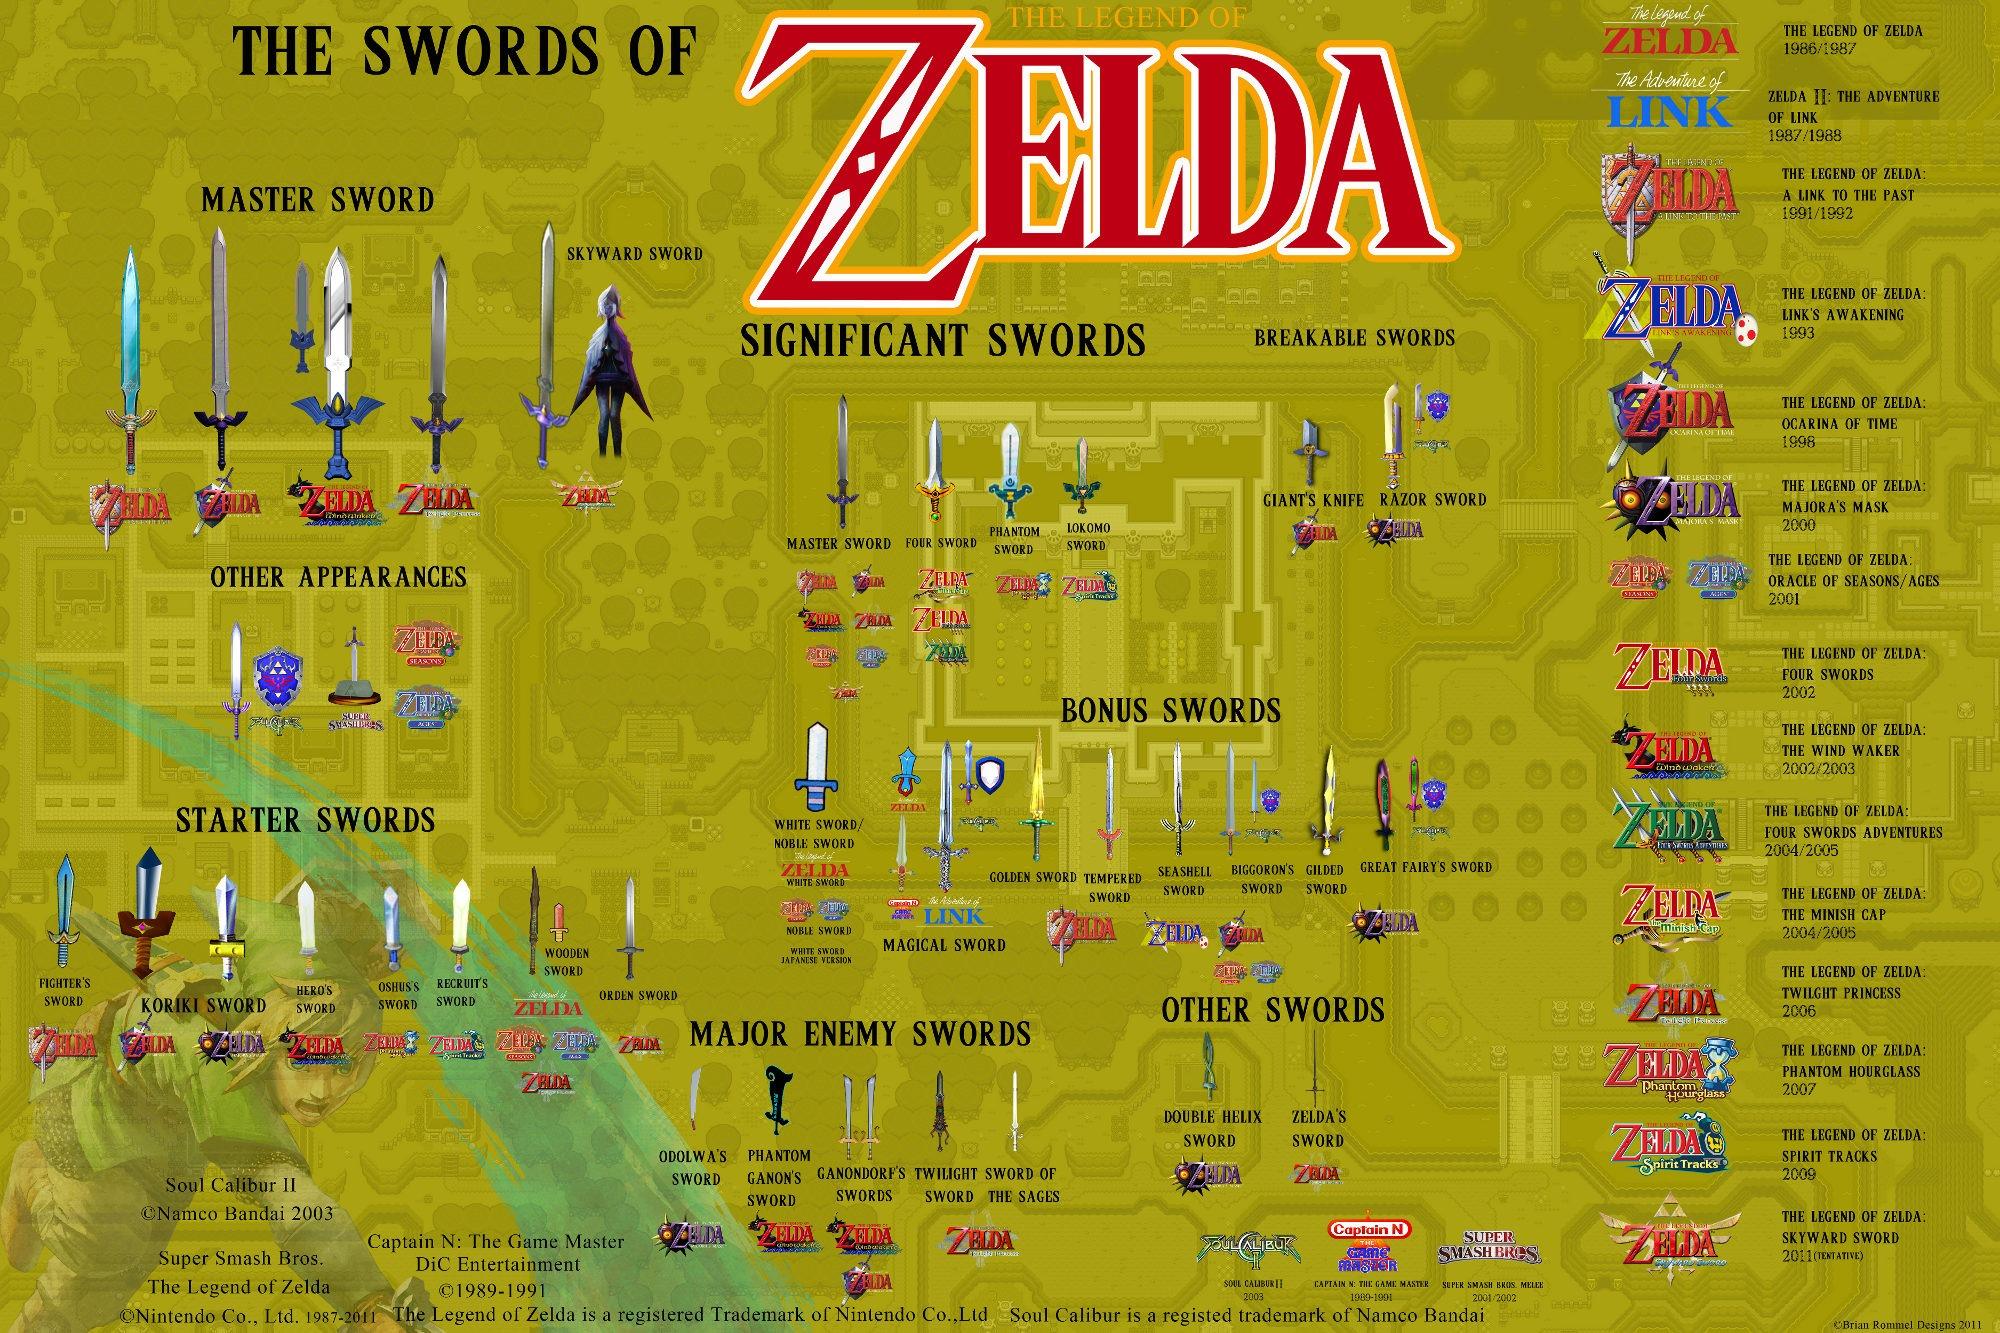 Infographie les épées de Zelda